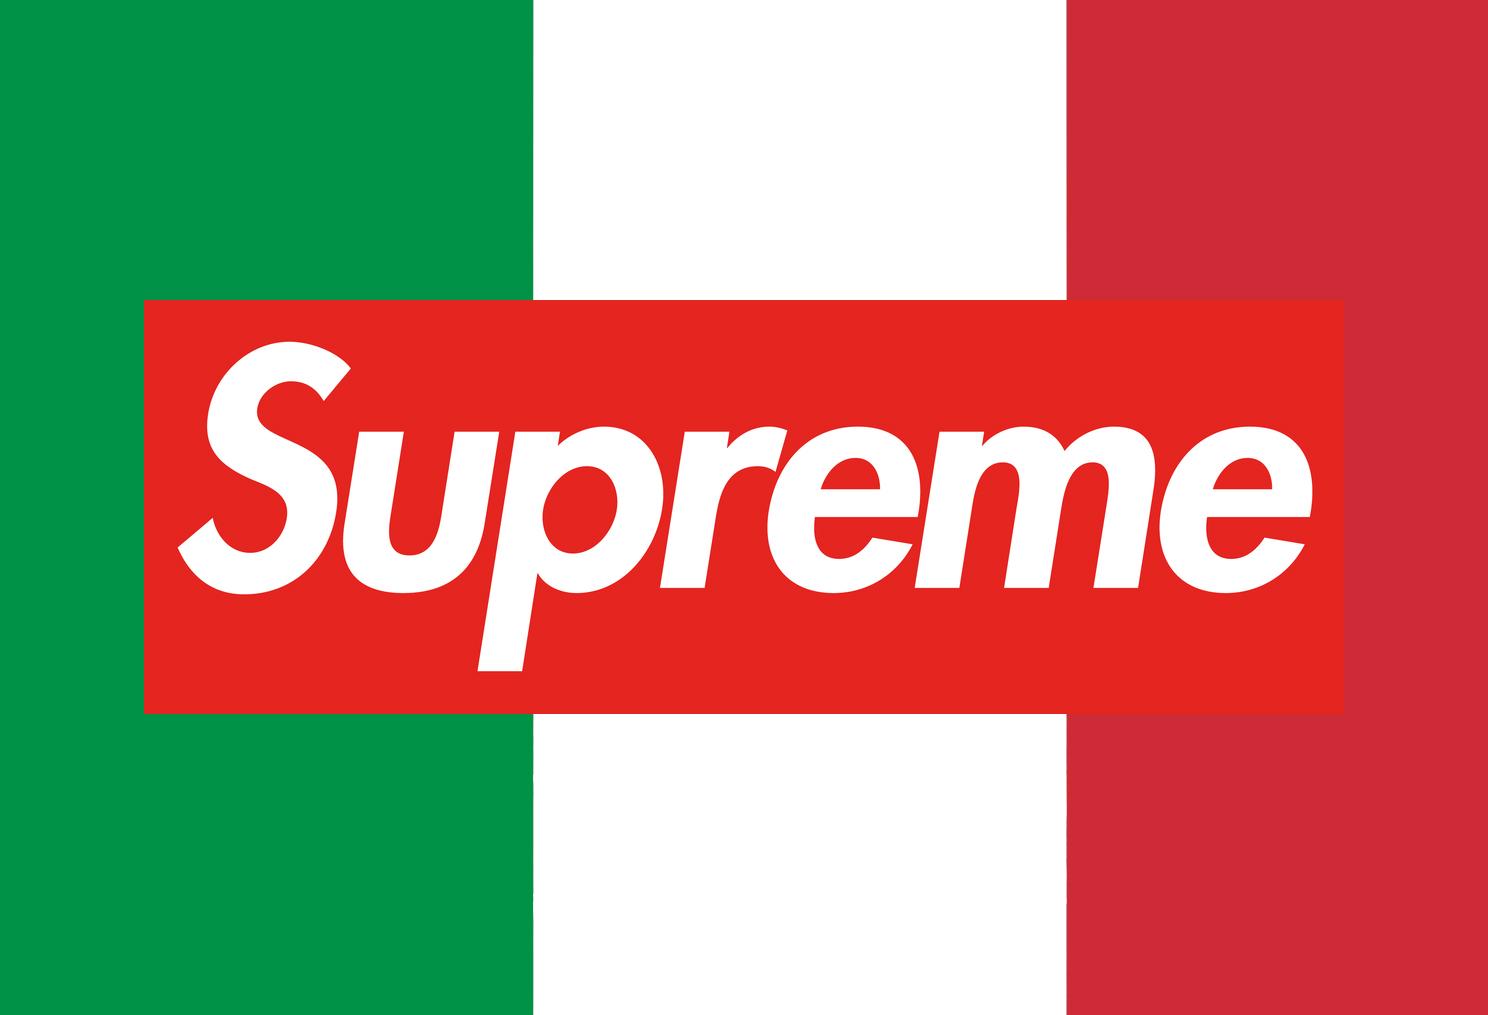 L'expansion commence : Supreme bientôt milanais ?